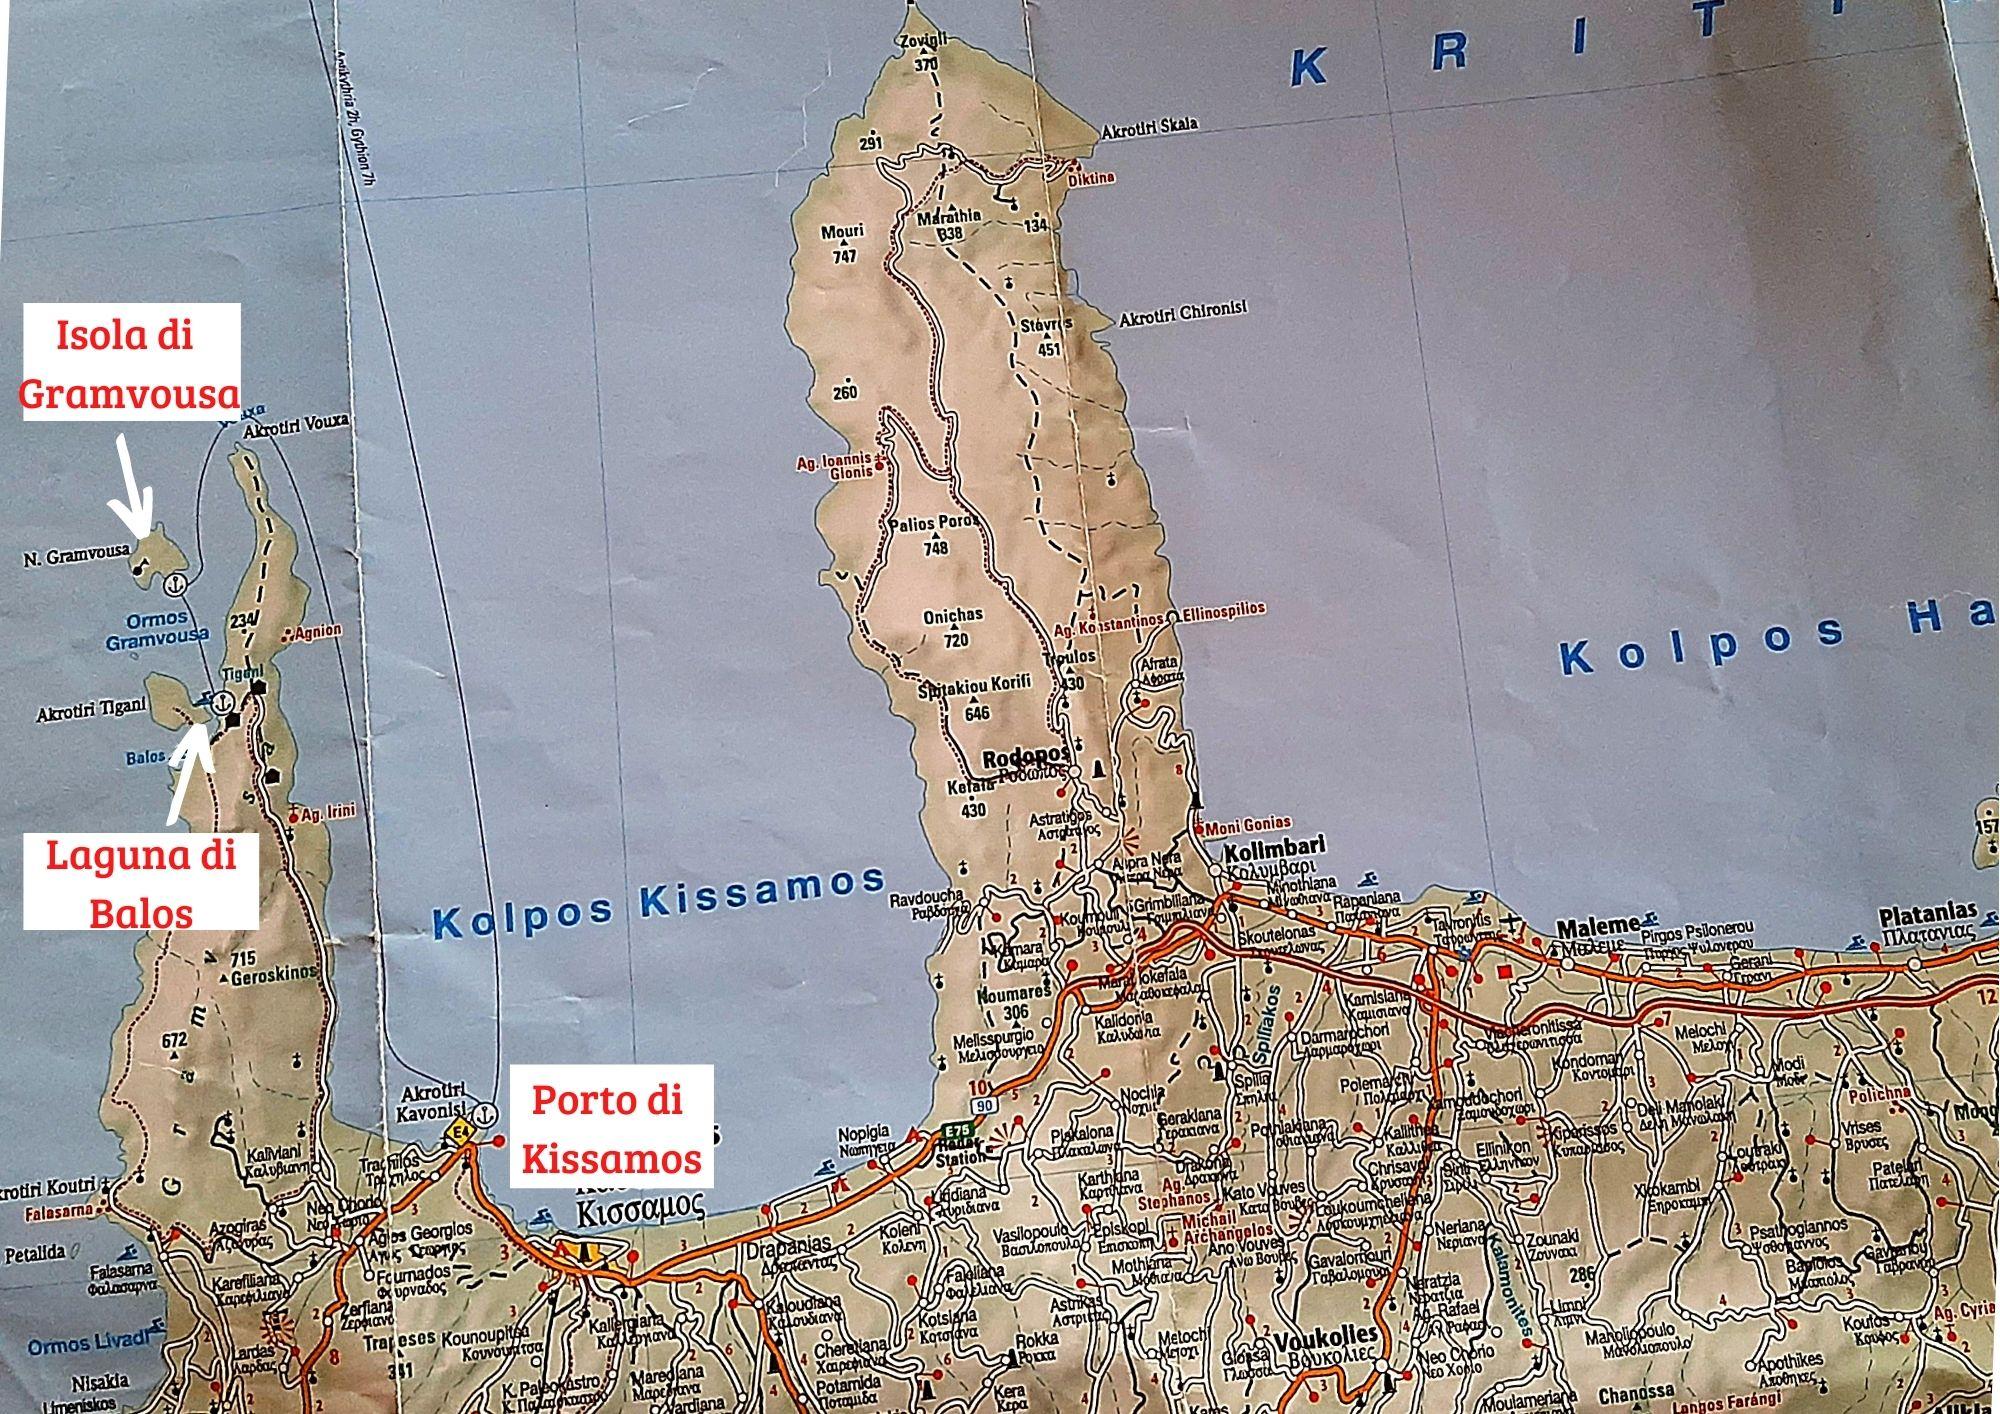 La mappa per arrivare alla laguna di Balos a Creta